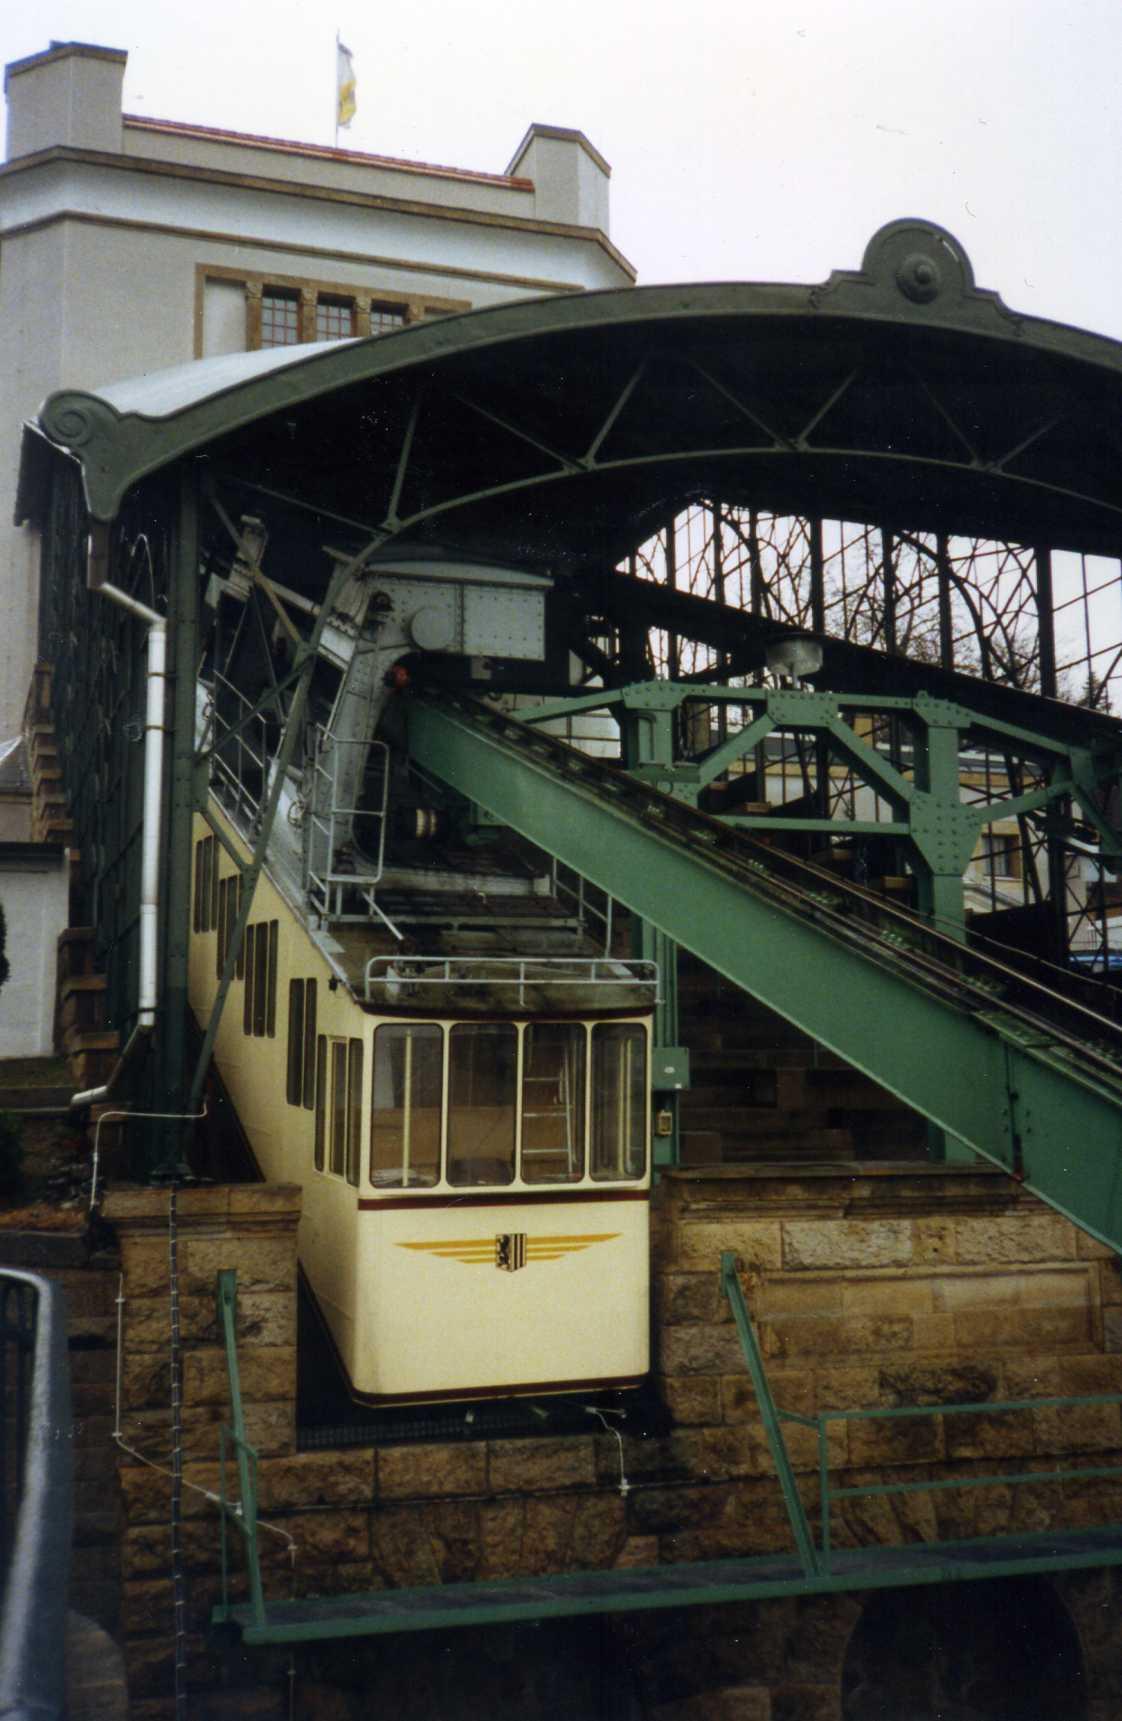 Dresdner Schwebebahn (1994)